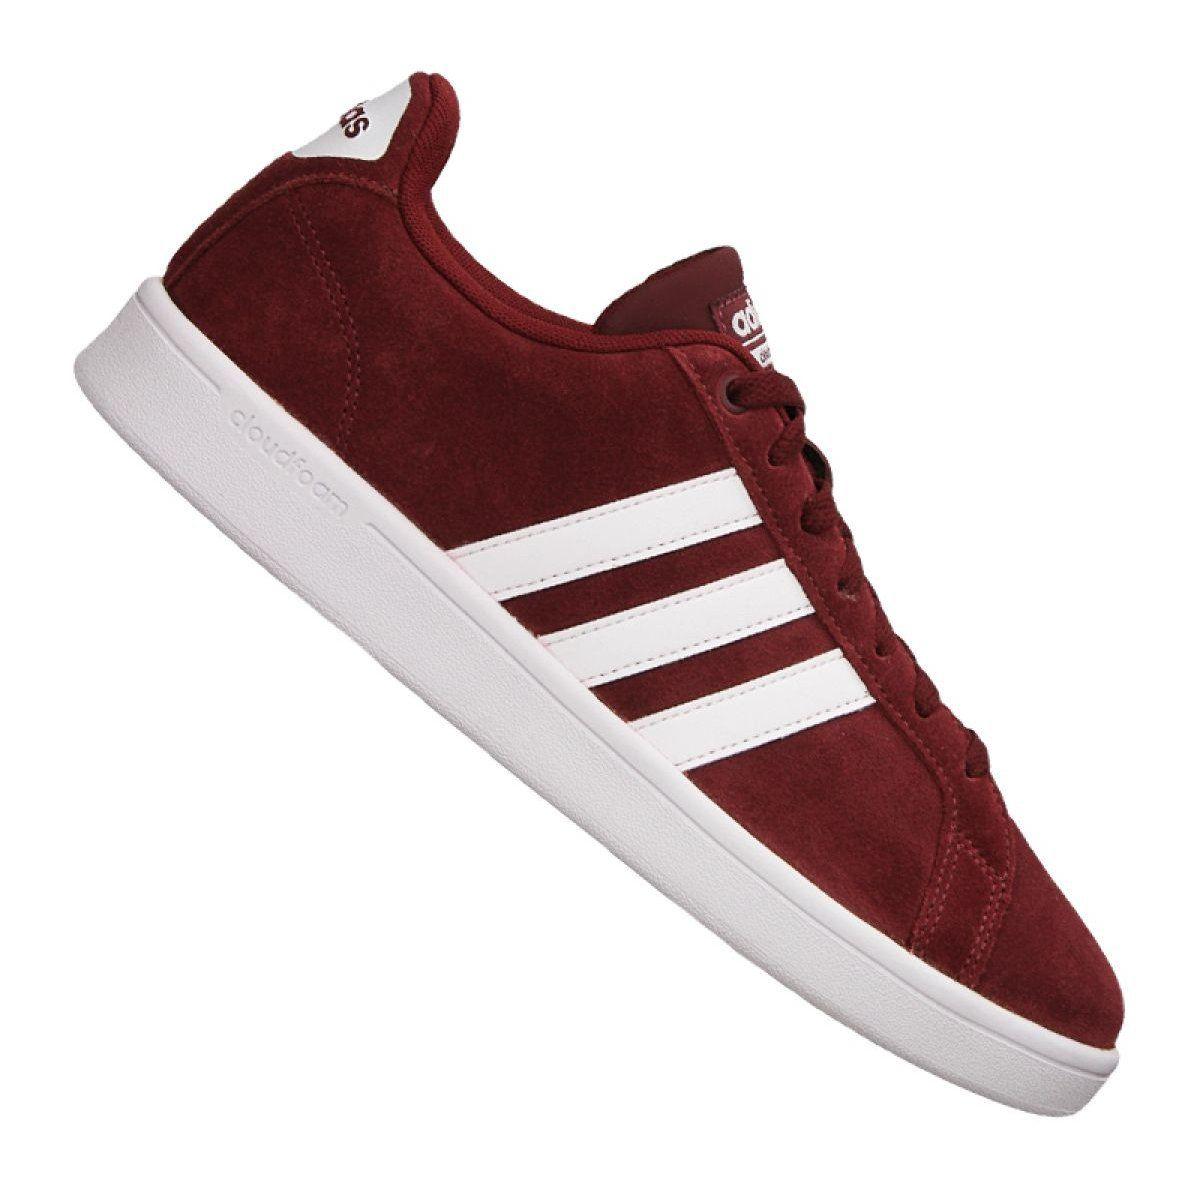 Buty Adidas Cloudfoam Adventage M Db0417 Czerwone Adidas Cloudfoam Red Adidas Adidas